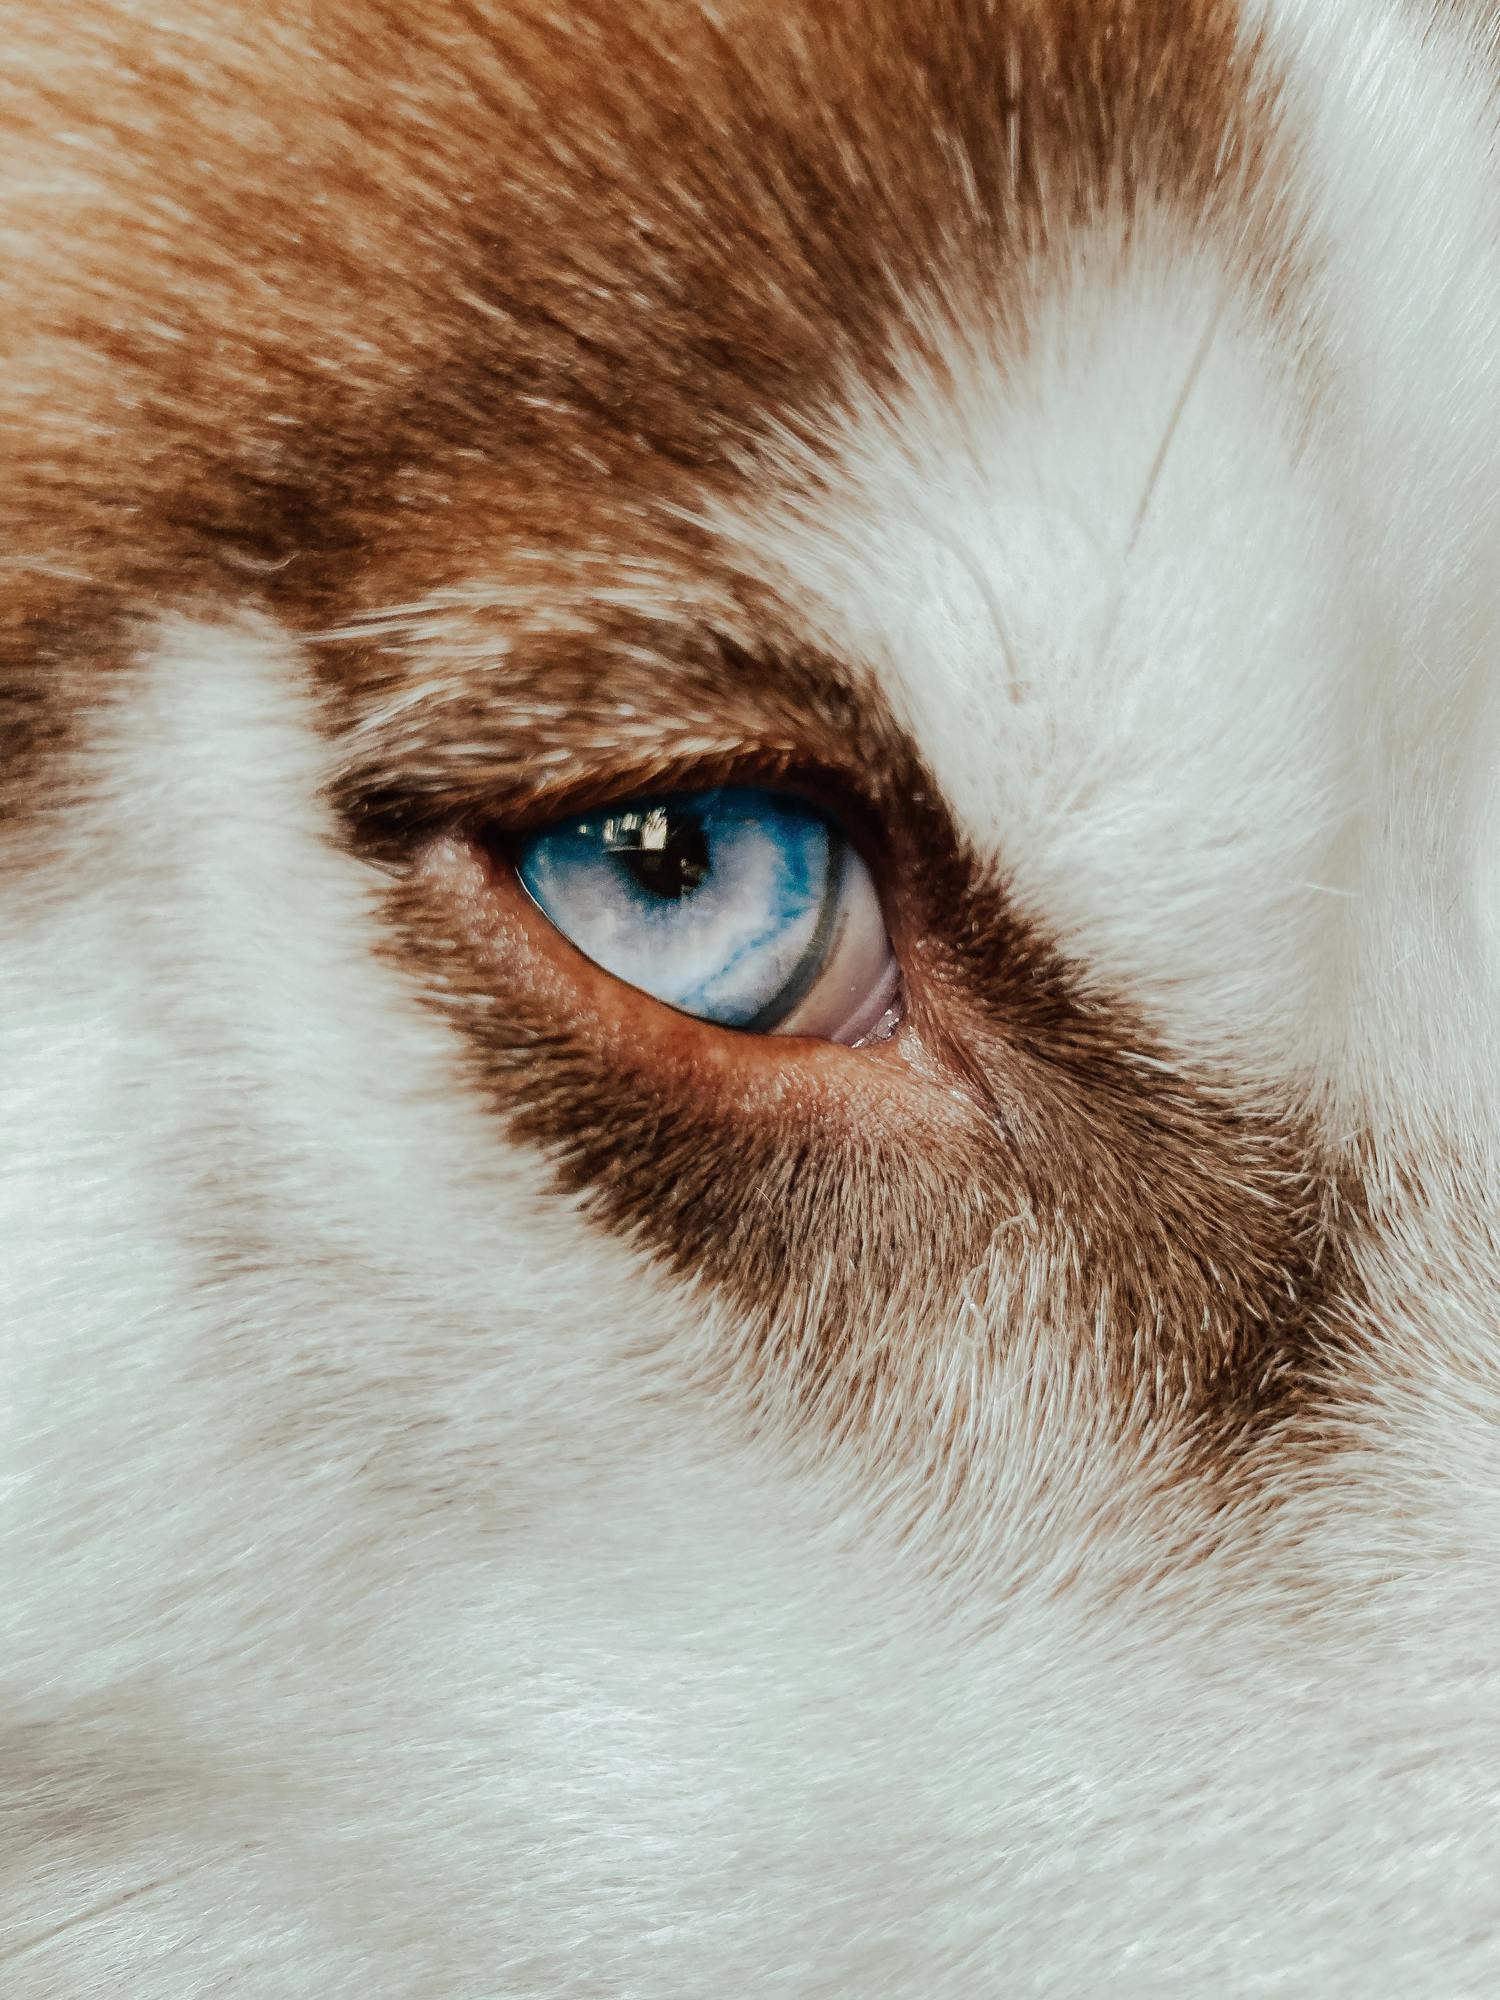 Ojo y pelo de animal